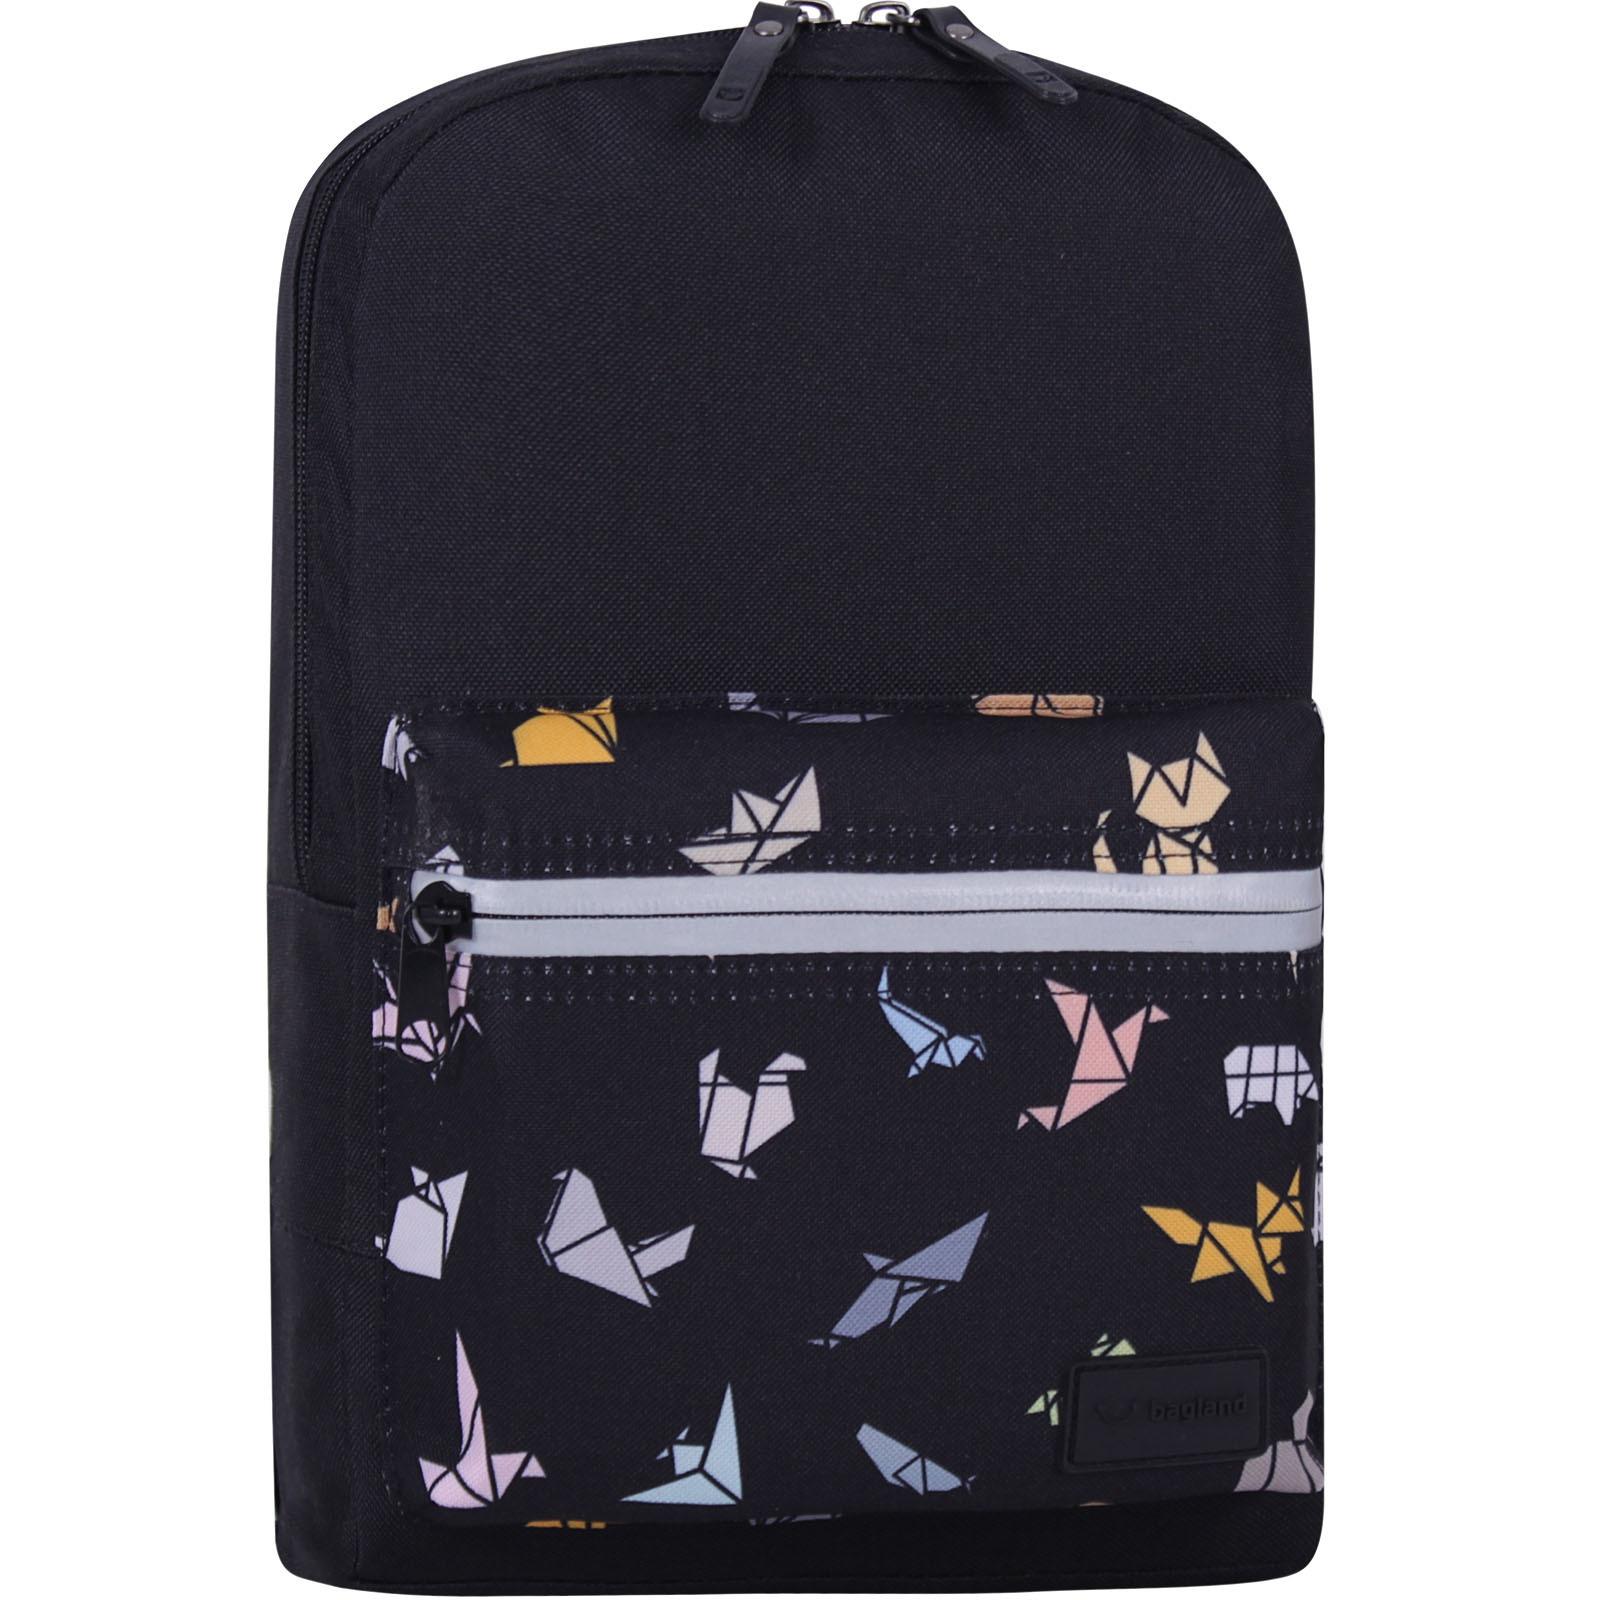 Молодежные рюкзаки Рюкзак Bagland Молодежный mini 8 л. черный 752 (0050866) IMG_7705_суб752_-1600.jpg